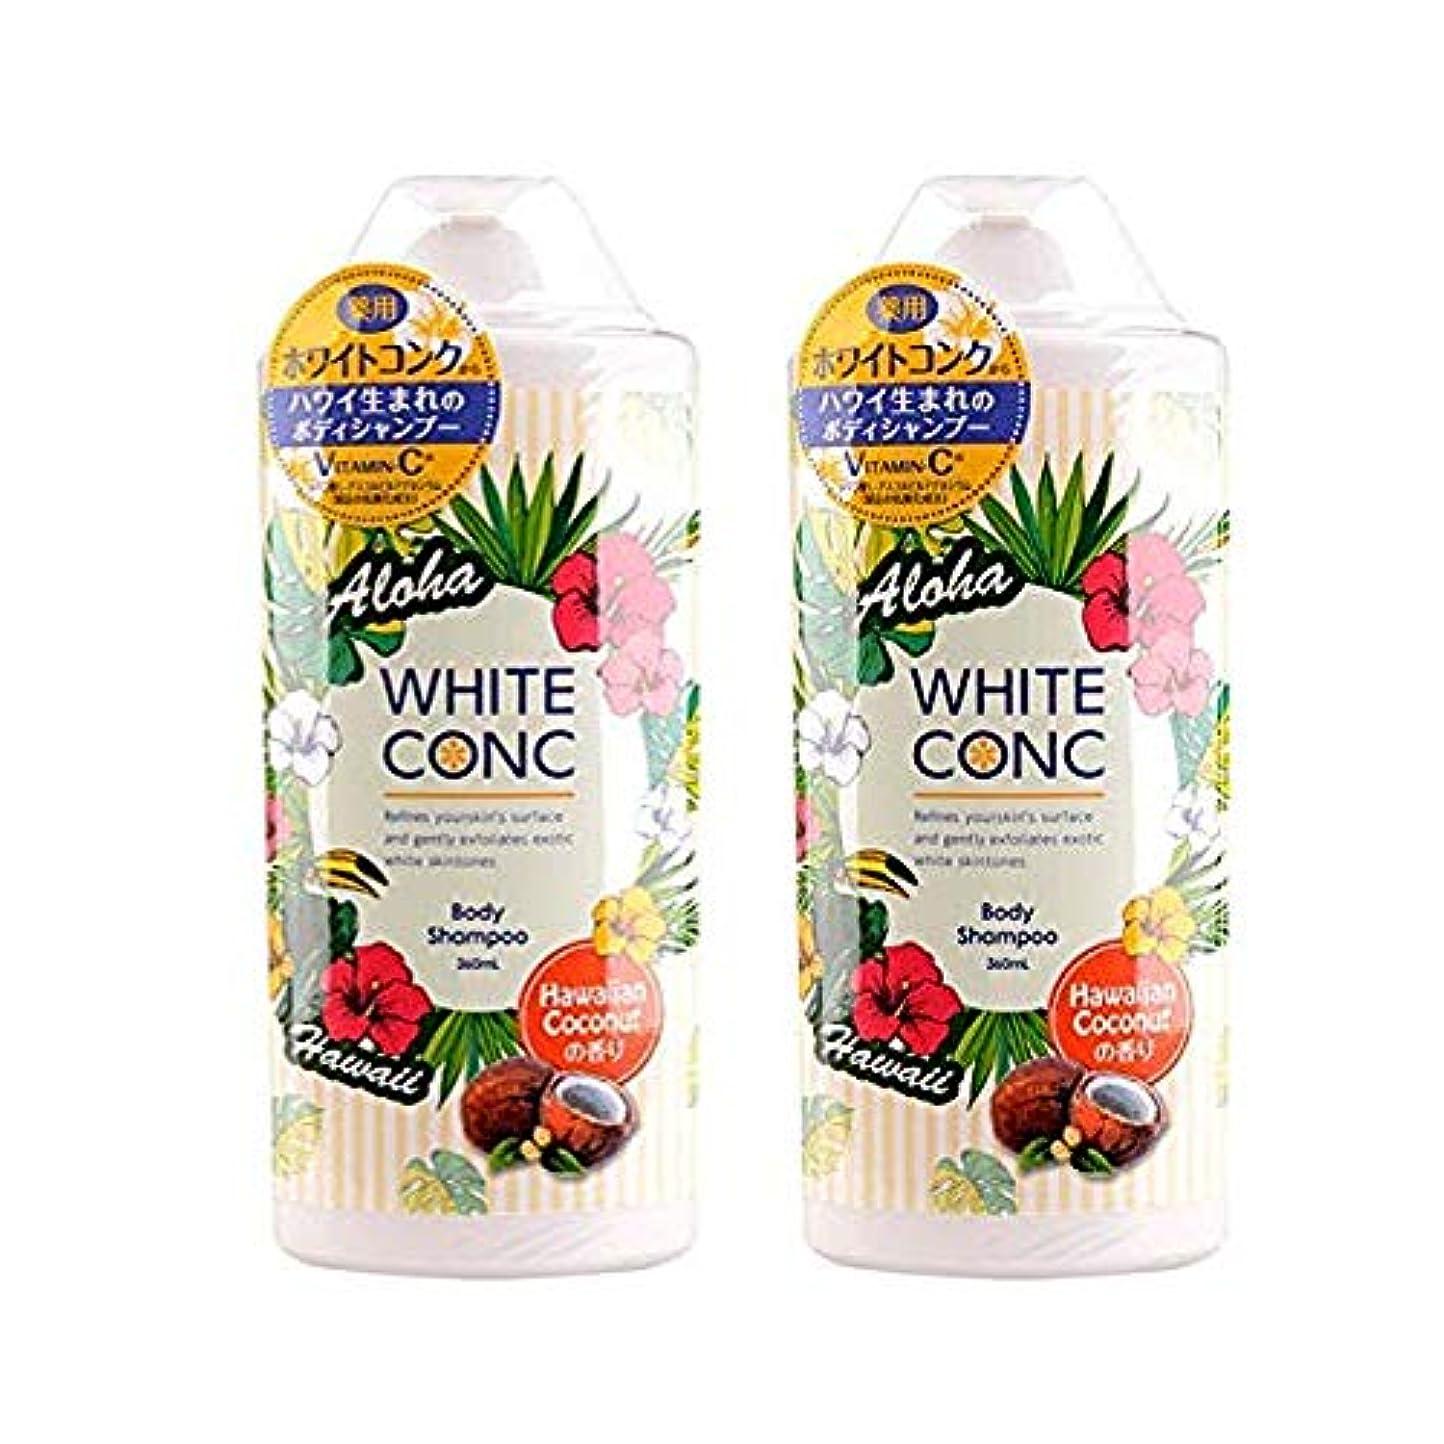 不均一飲料こんにちは薬用ホワイトコンク ボディシャンプー ハワイ(医薬部外品) 2本セット